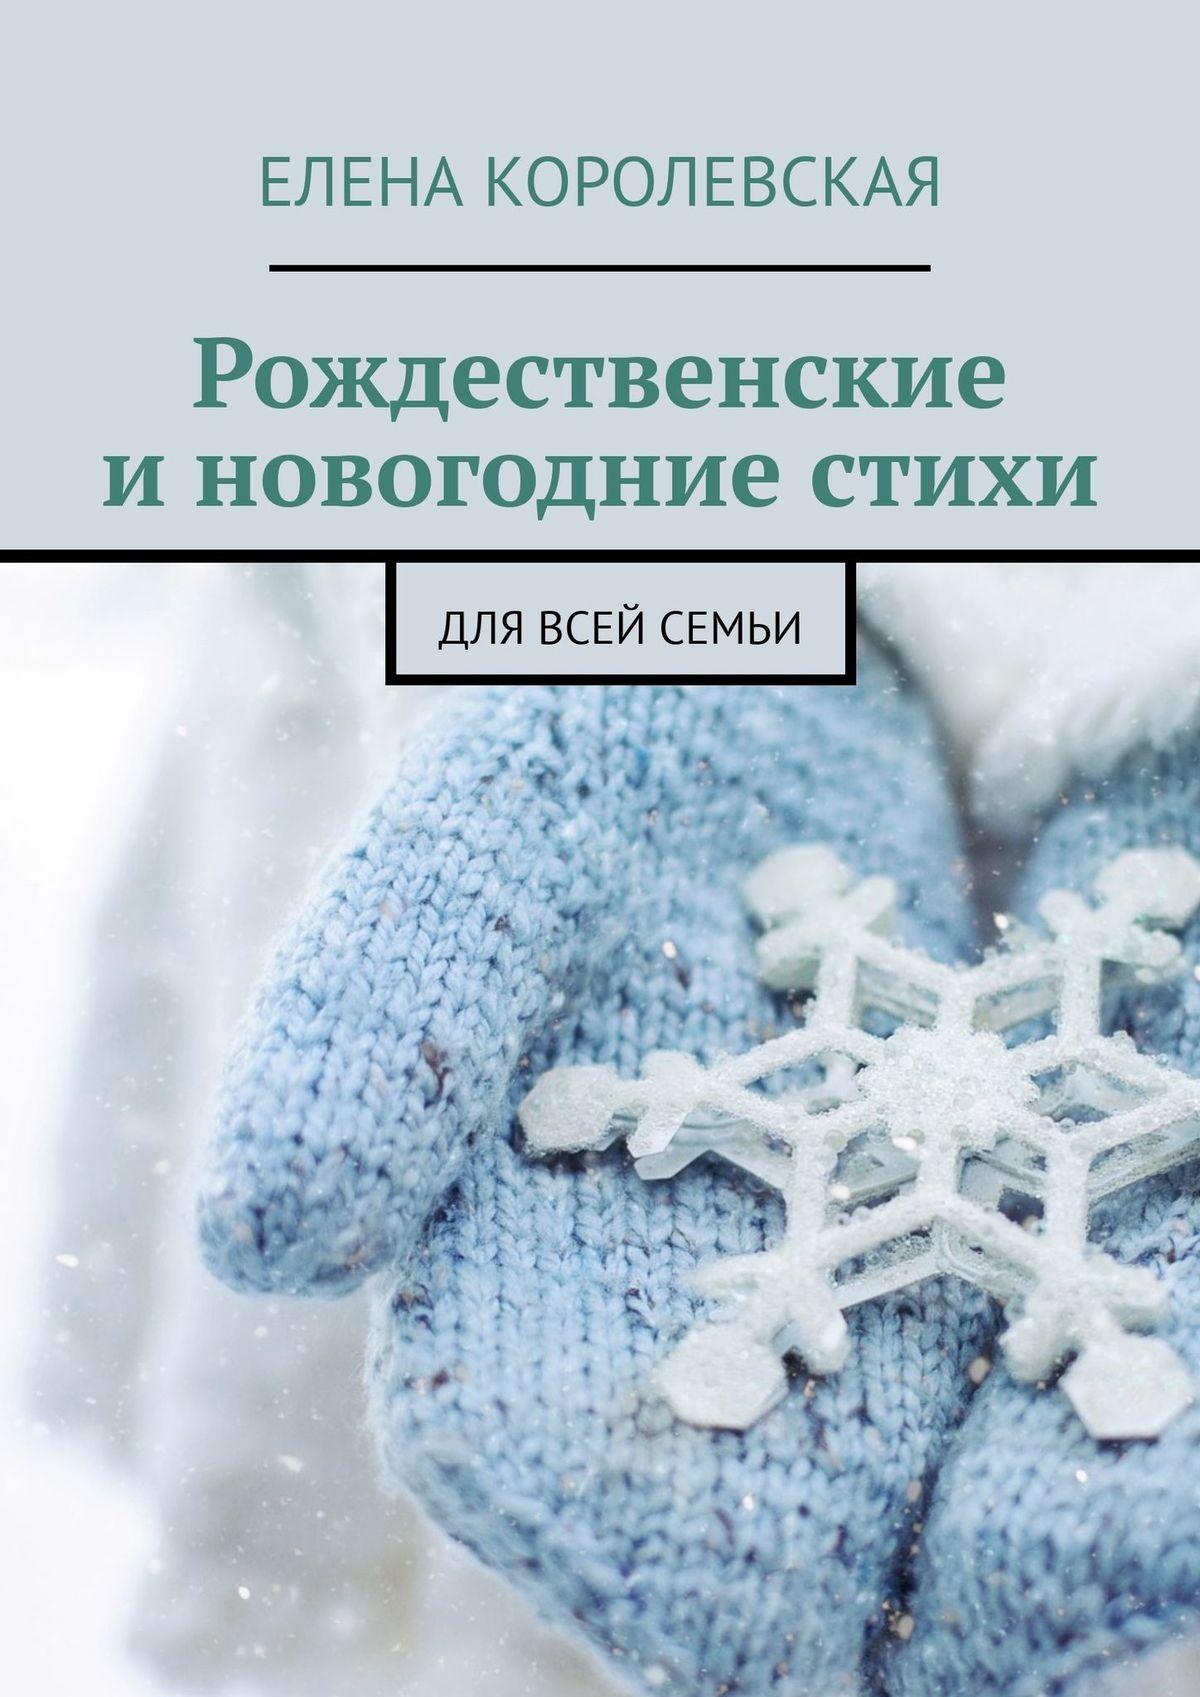 Елена Королевская Рождественские и новогодние стихи. Для всей семьи елена королевская рождественские и новогодние стихи для всей семьи